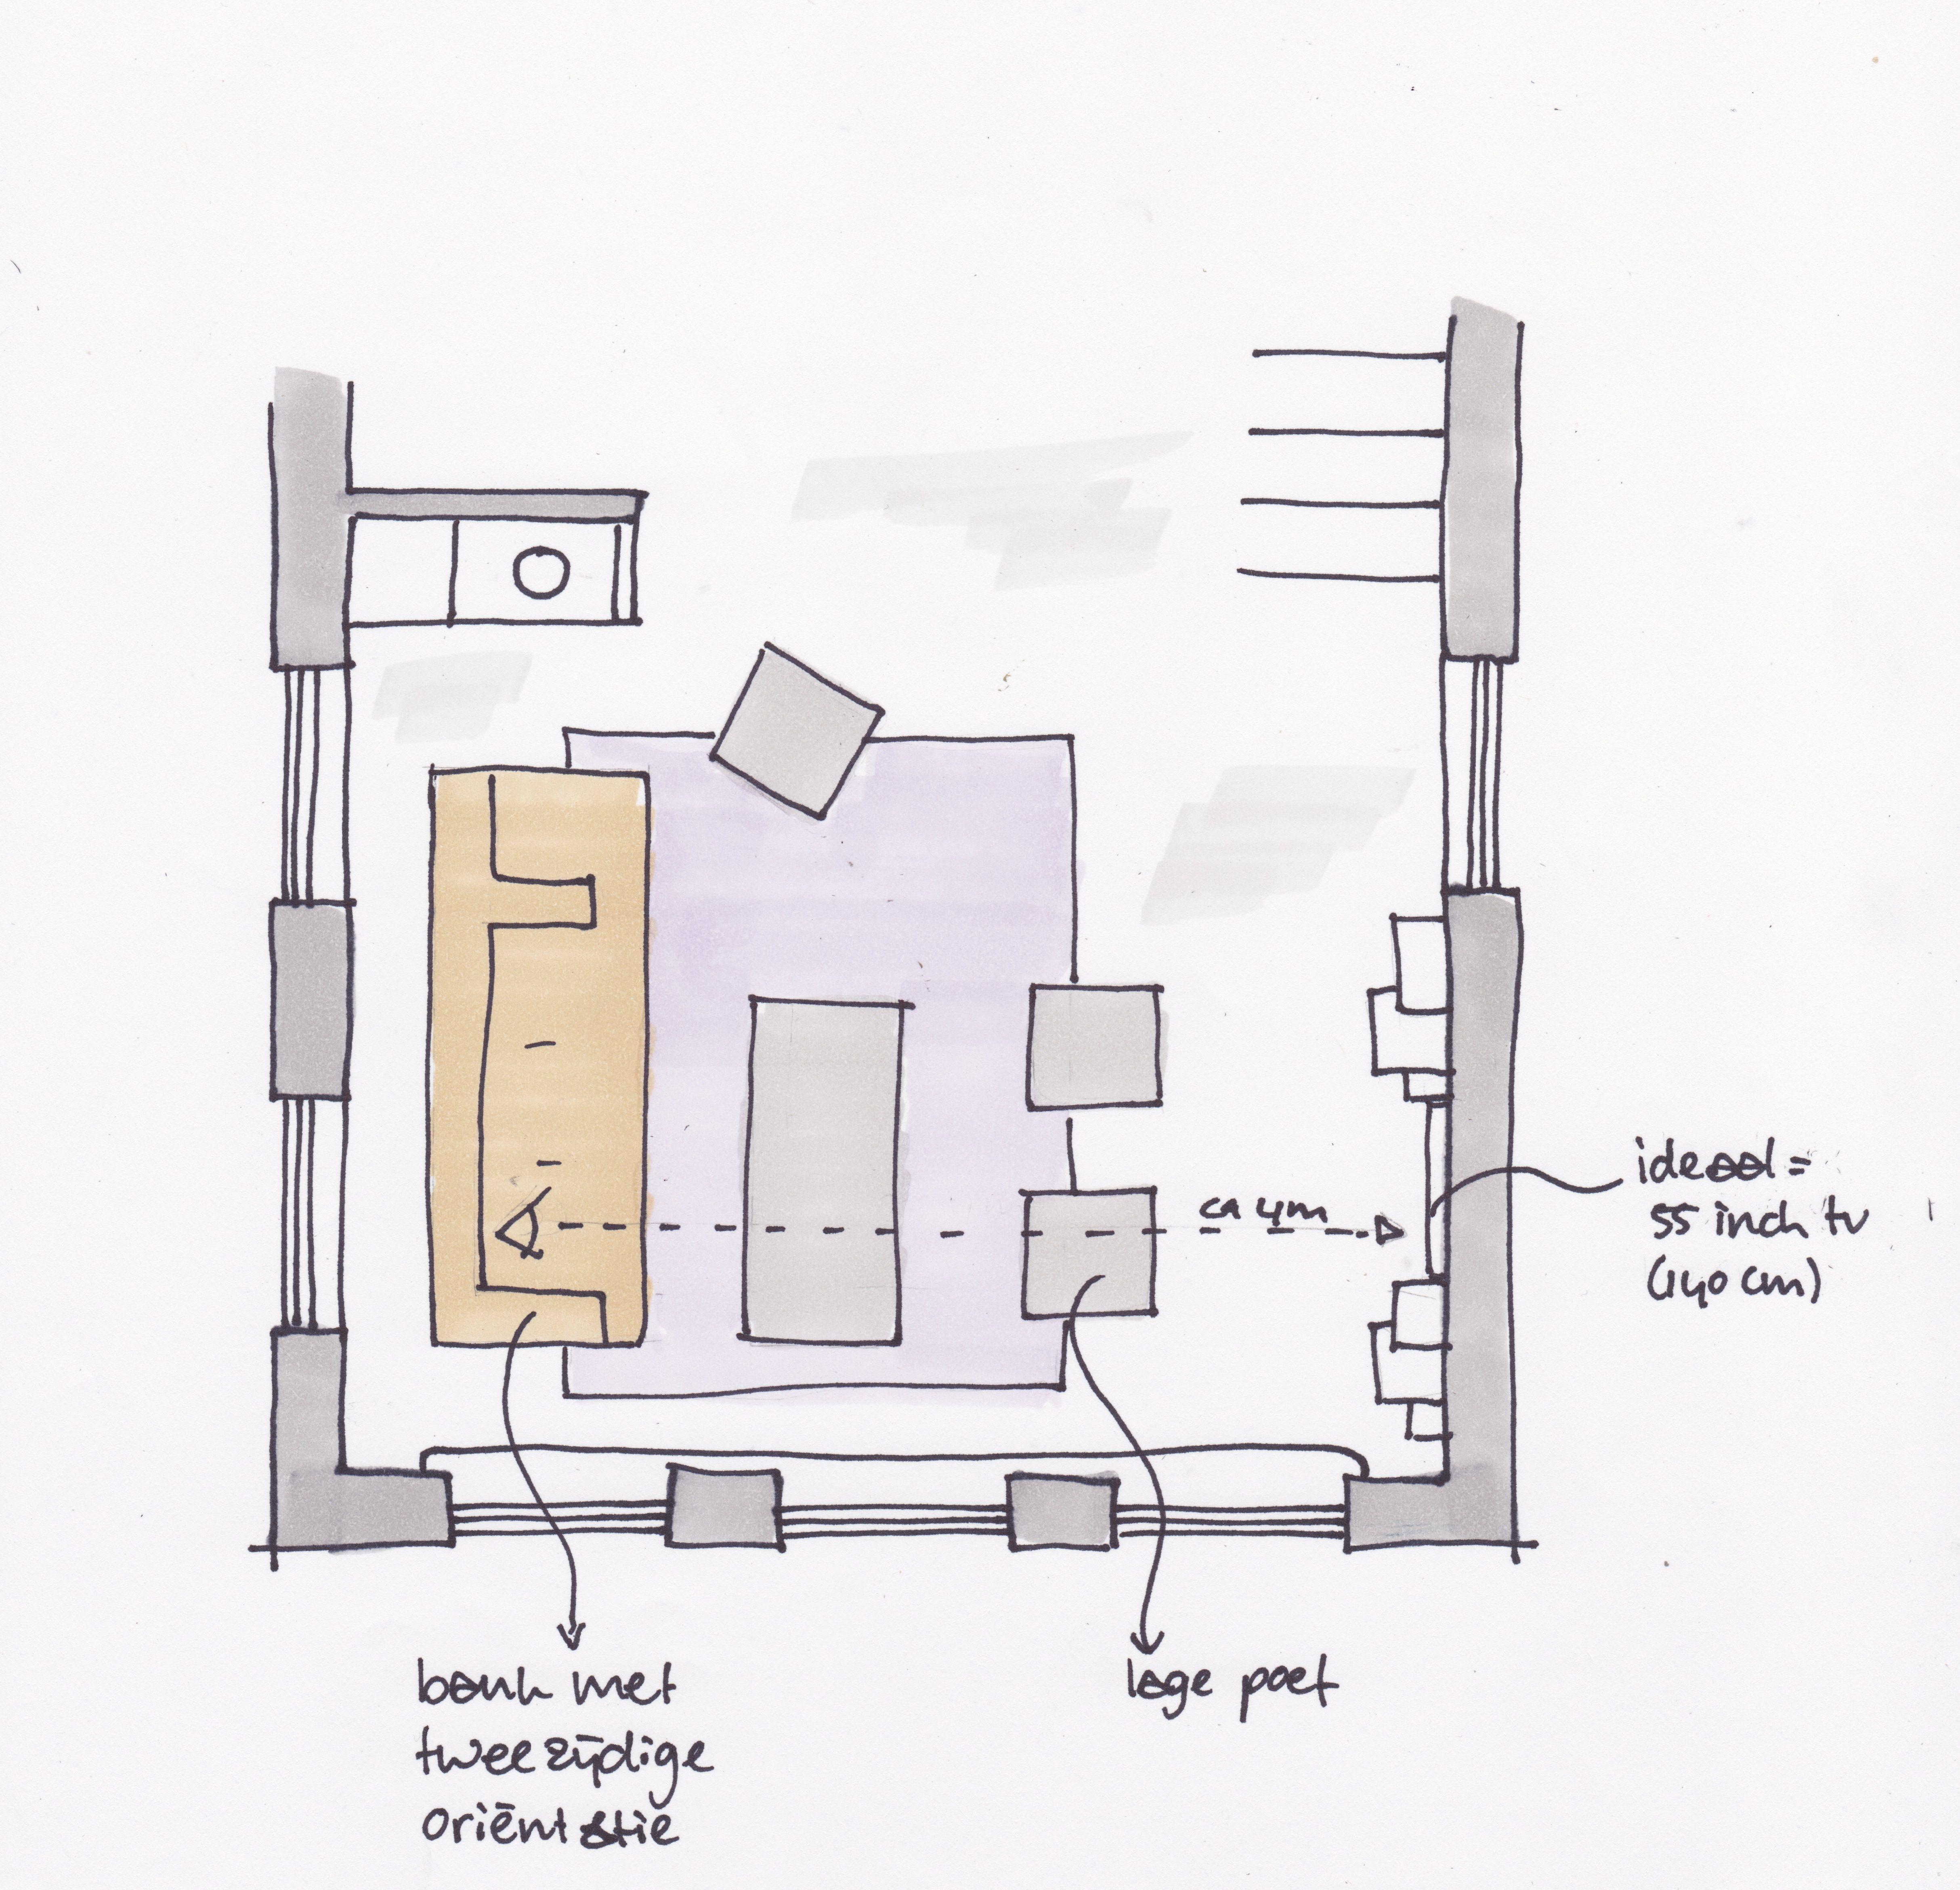 voorstel plattegrond woonkamer met zithoek met tweezijdige ...